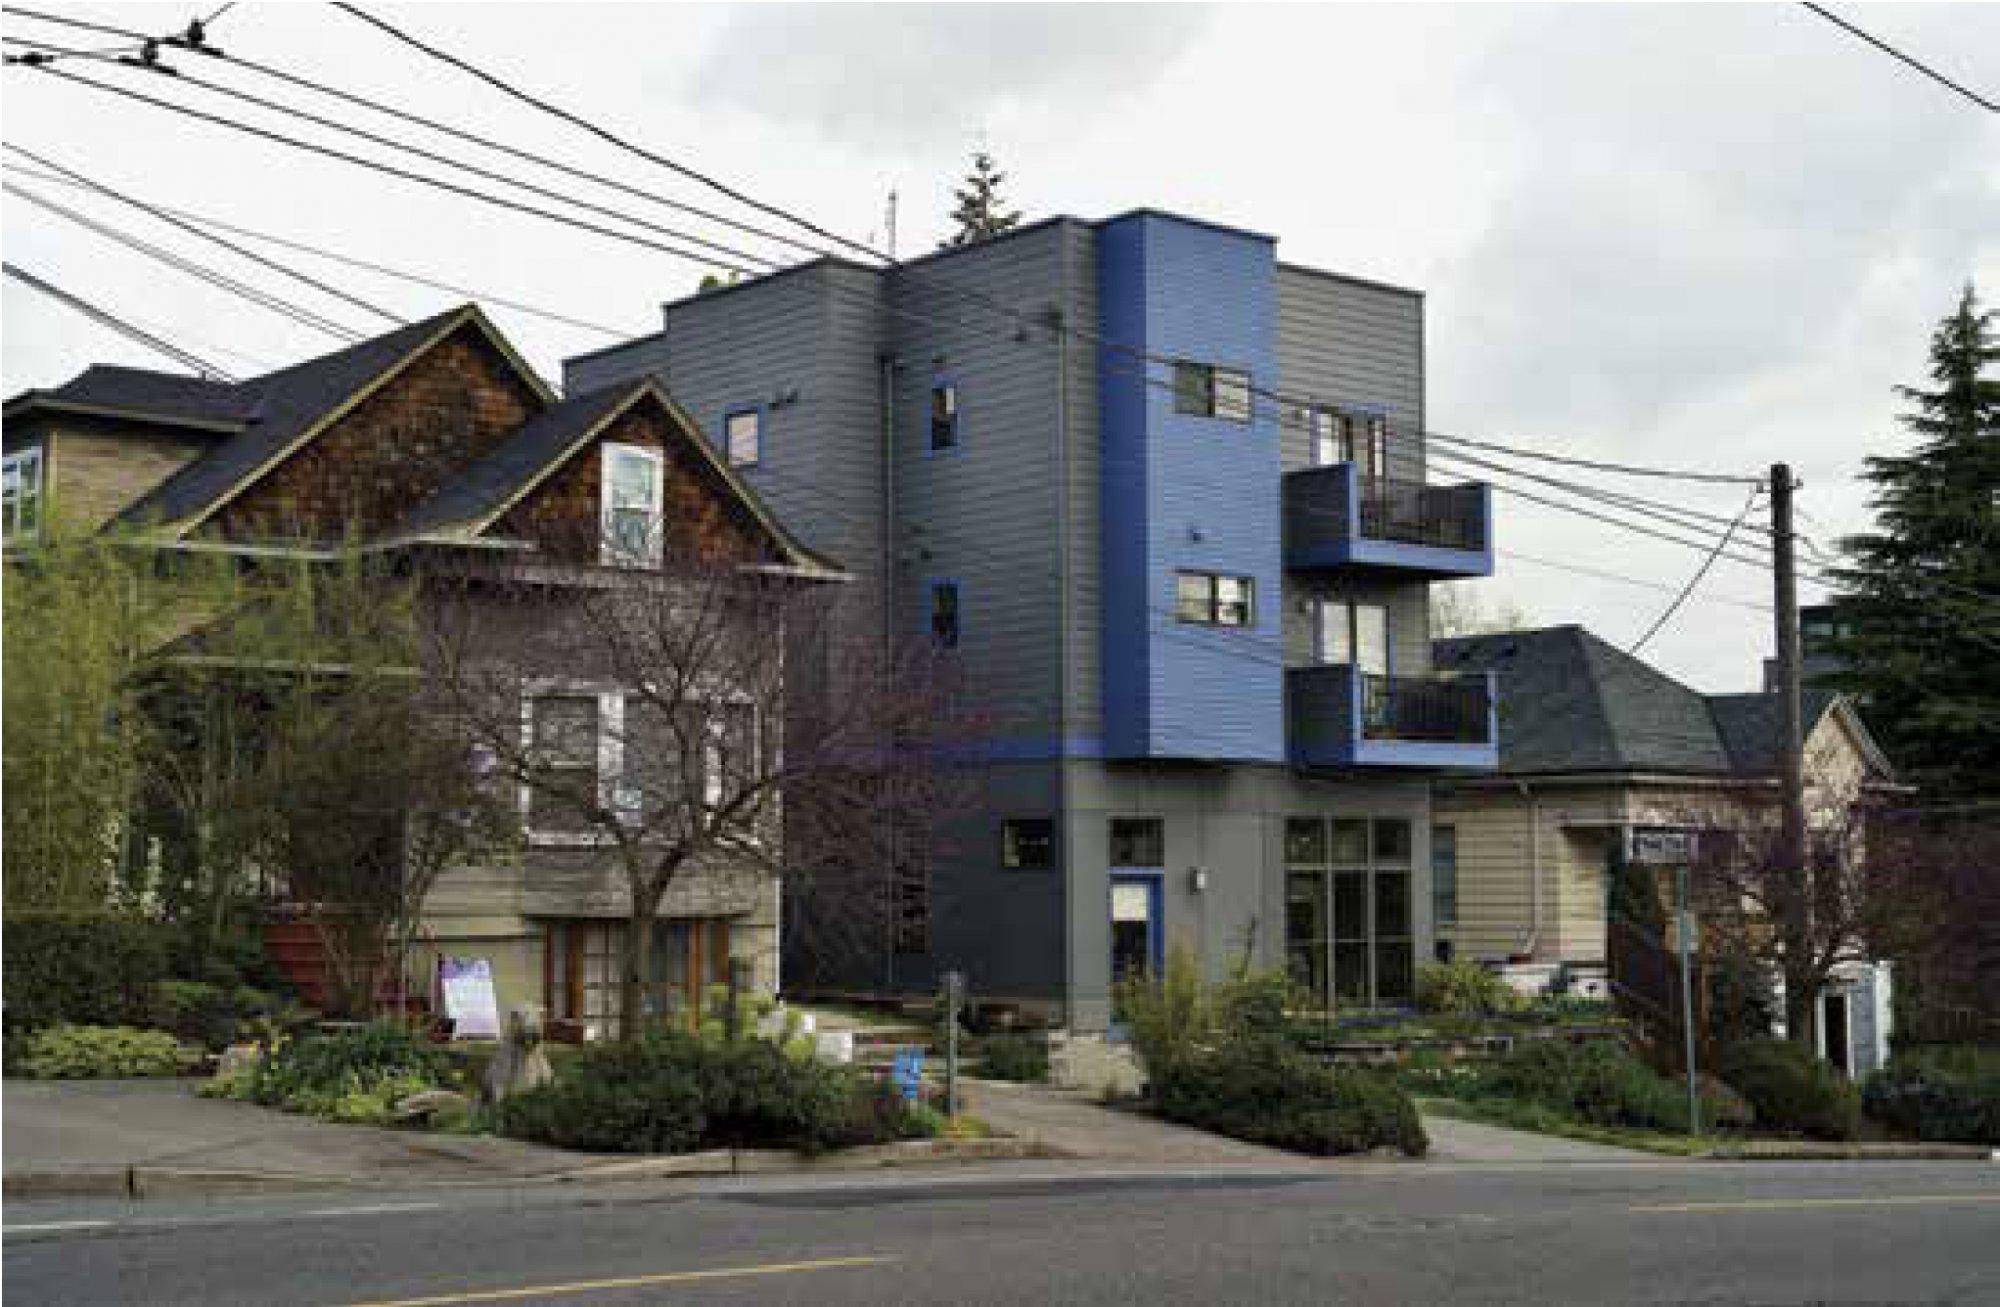 Infill Housing, Seattle